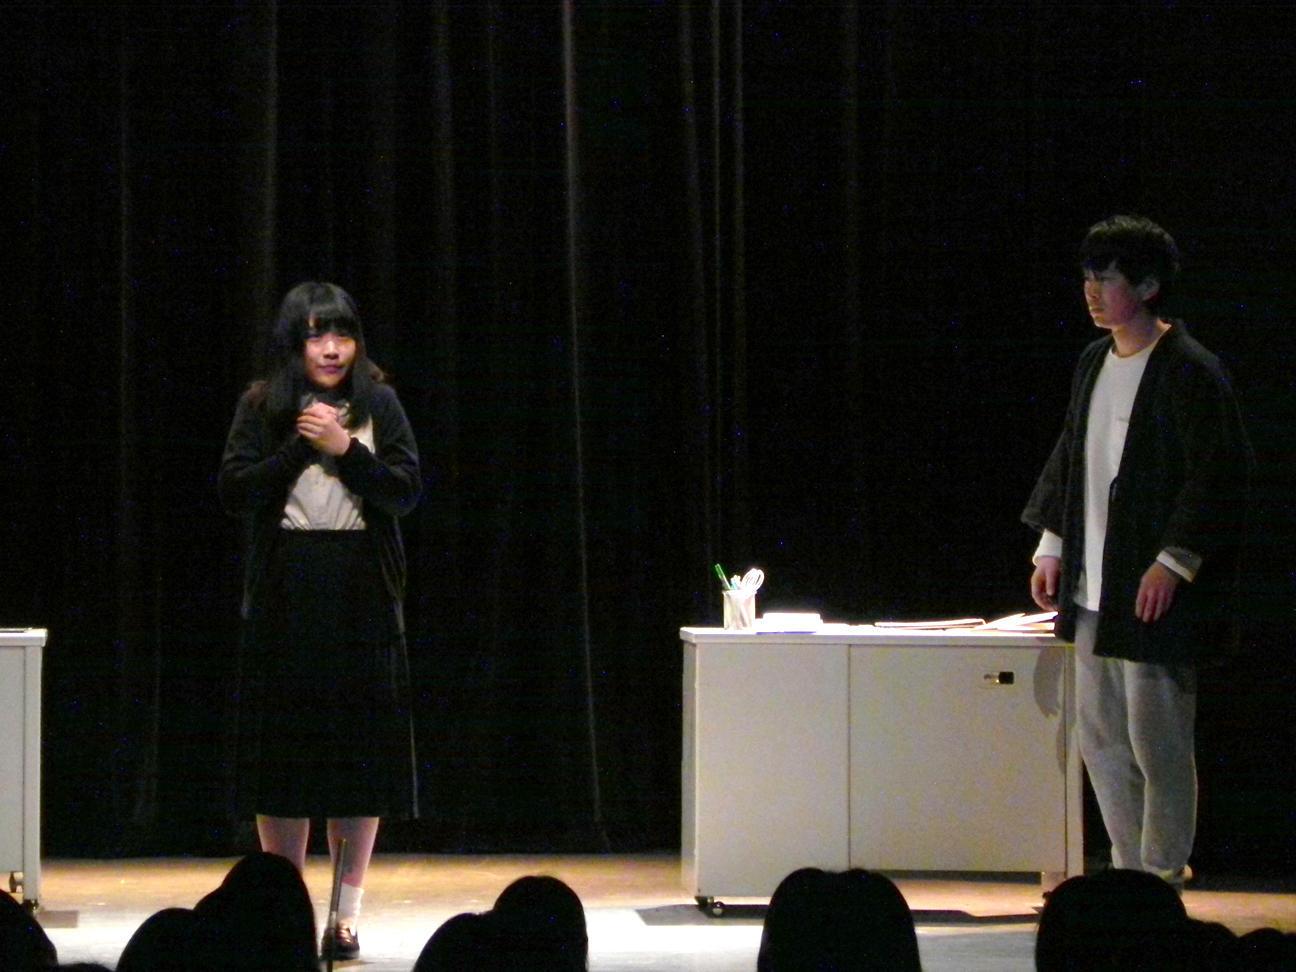 http://news.yoshimoto.co.jp/20170228123605-f0ef4eadc94d2471bb66e828fec0d4d34c38e34f.jpg